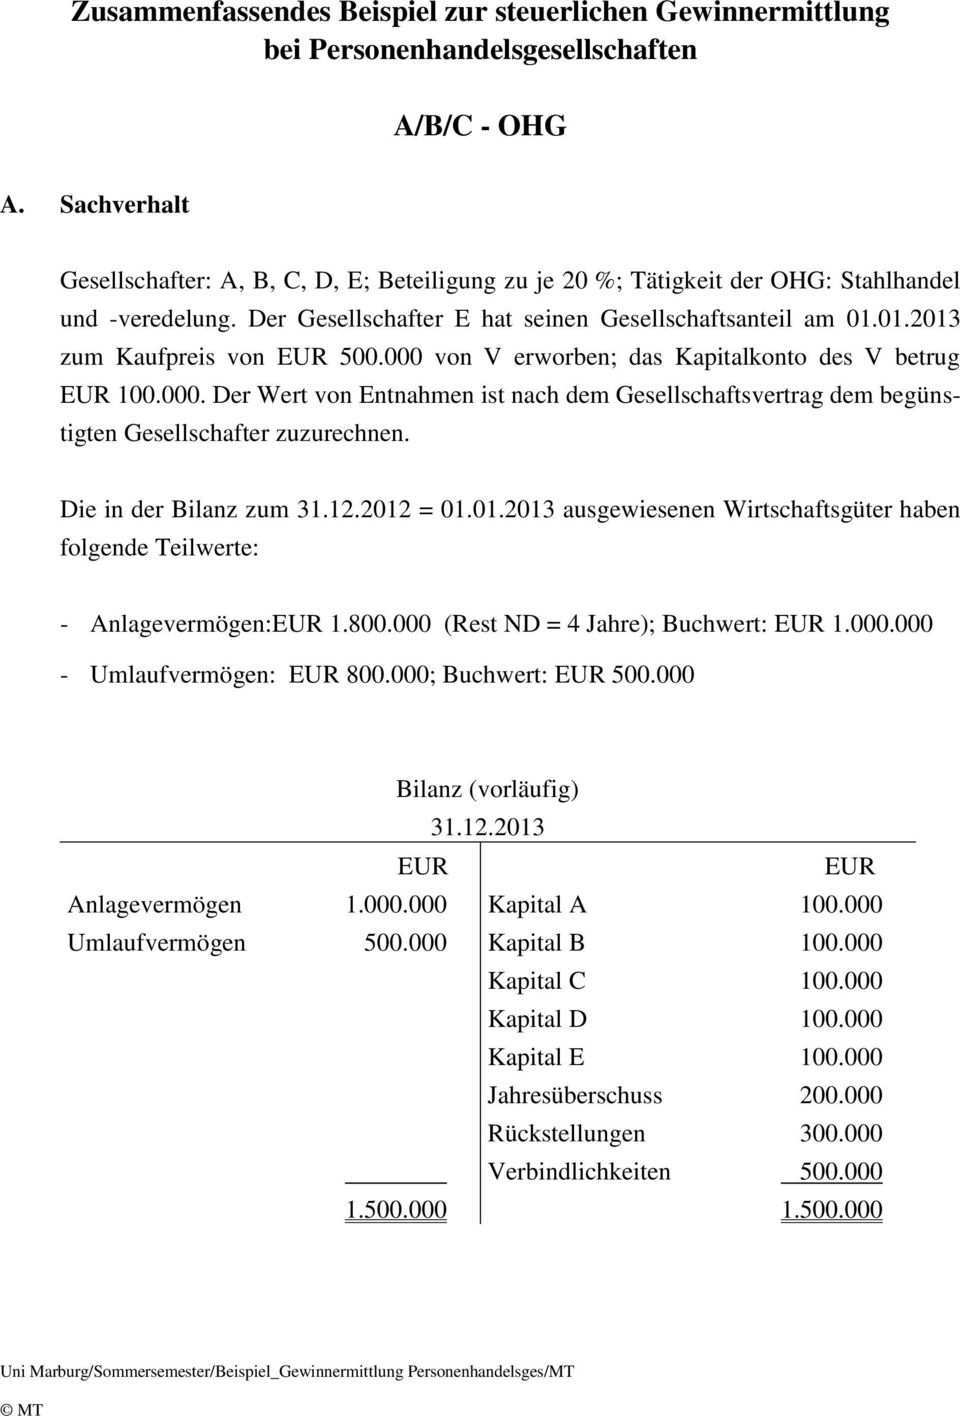 Zusammenfassendes Beispiel Zur Steuerlichen Gewinnermittlung Bei Personenhandelsgesellschaften A B C Ohg Pdf Kostenfreier Download